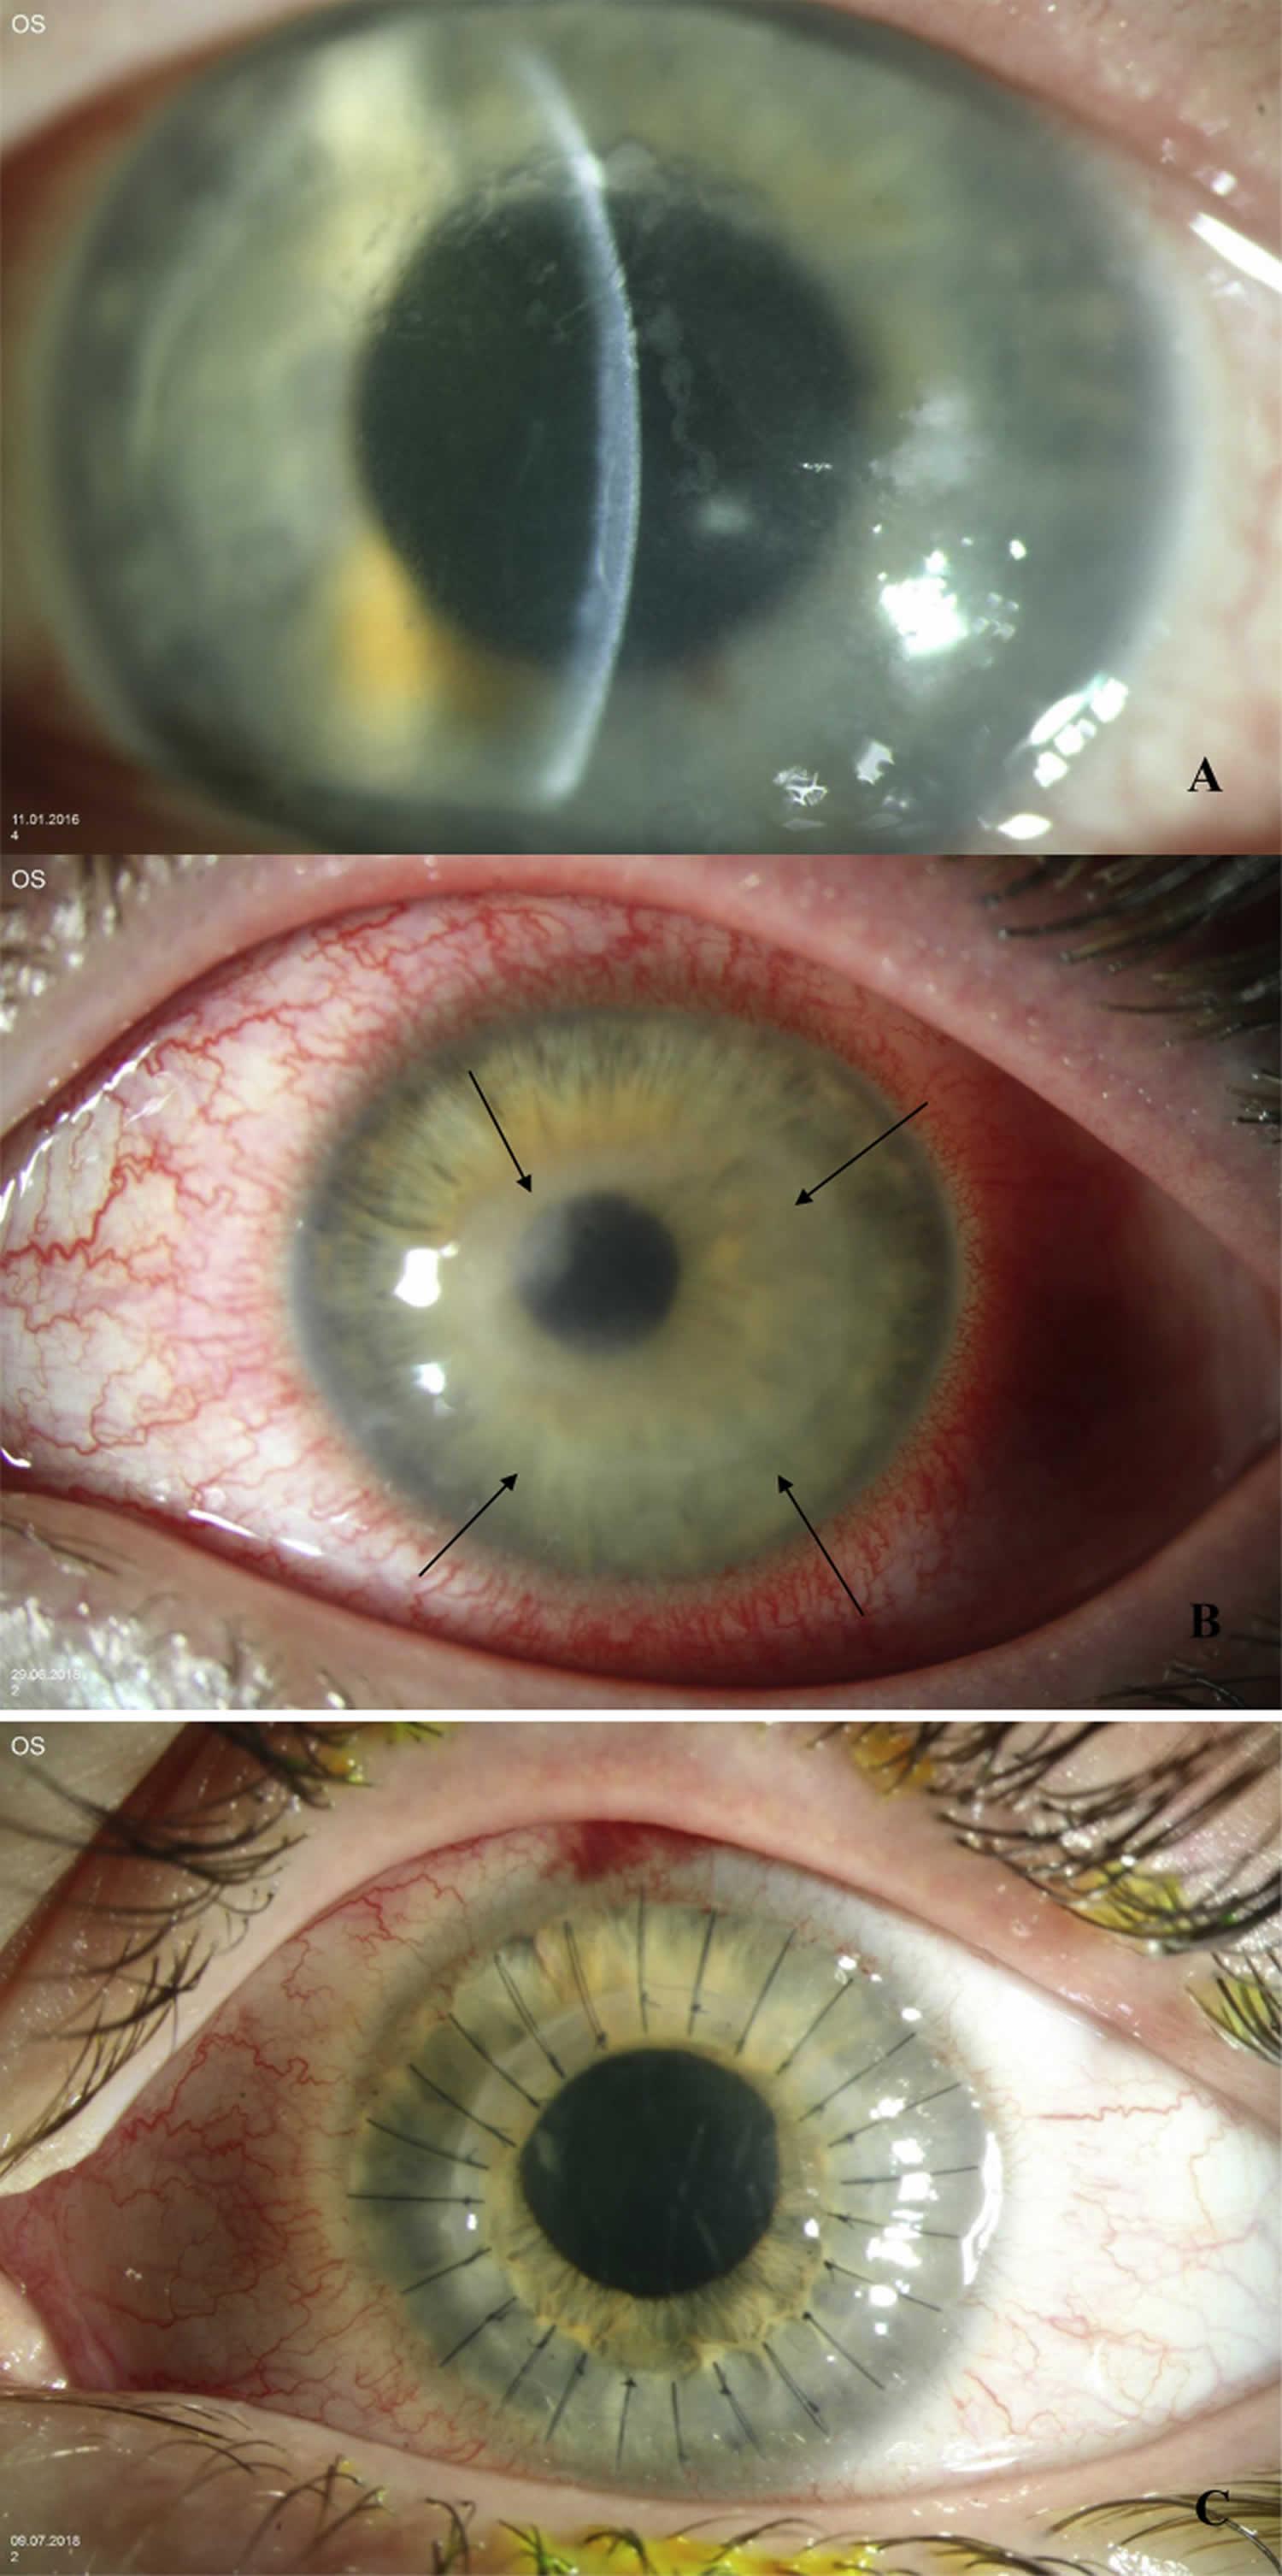 Acanthamoeba keratitis dirty epithelium signs